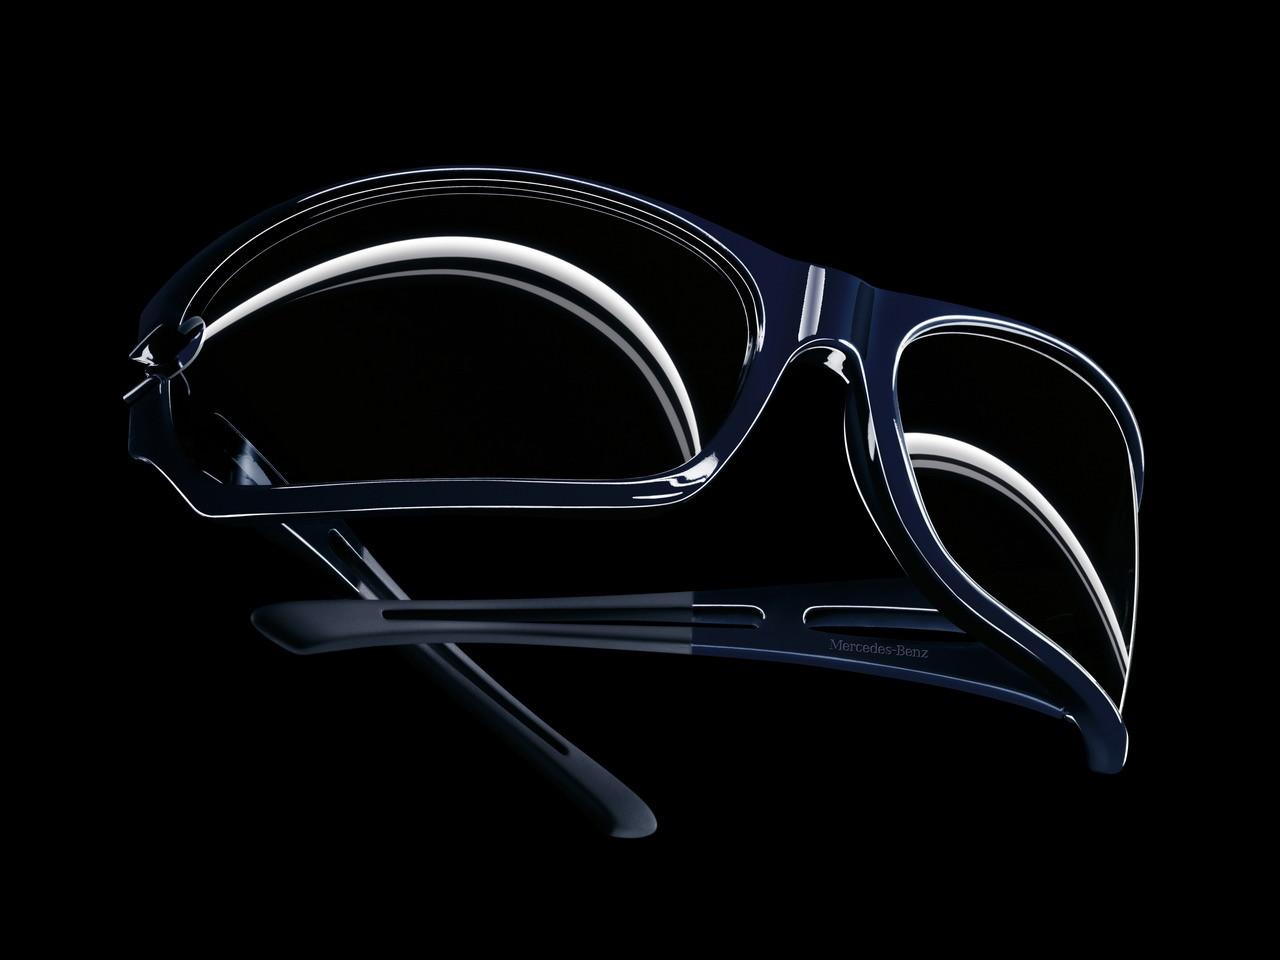 sonnenbrillen von mercedes. Black Bedroom Furniture Sets. Home Design Ideas